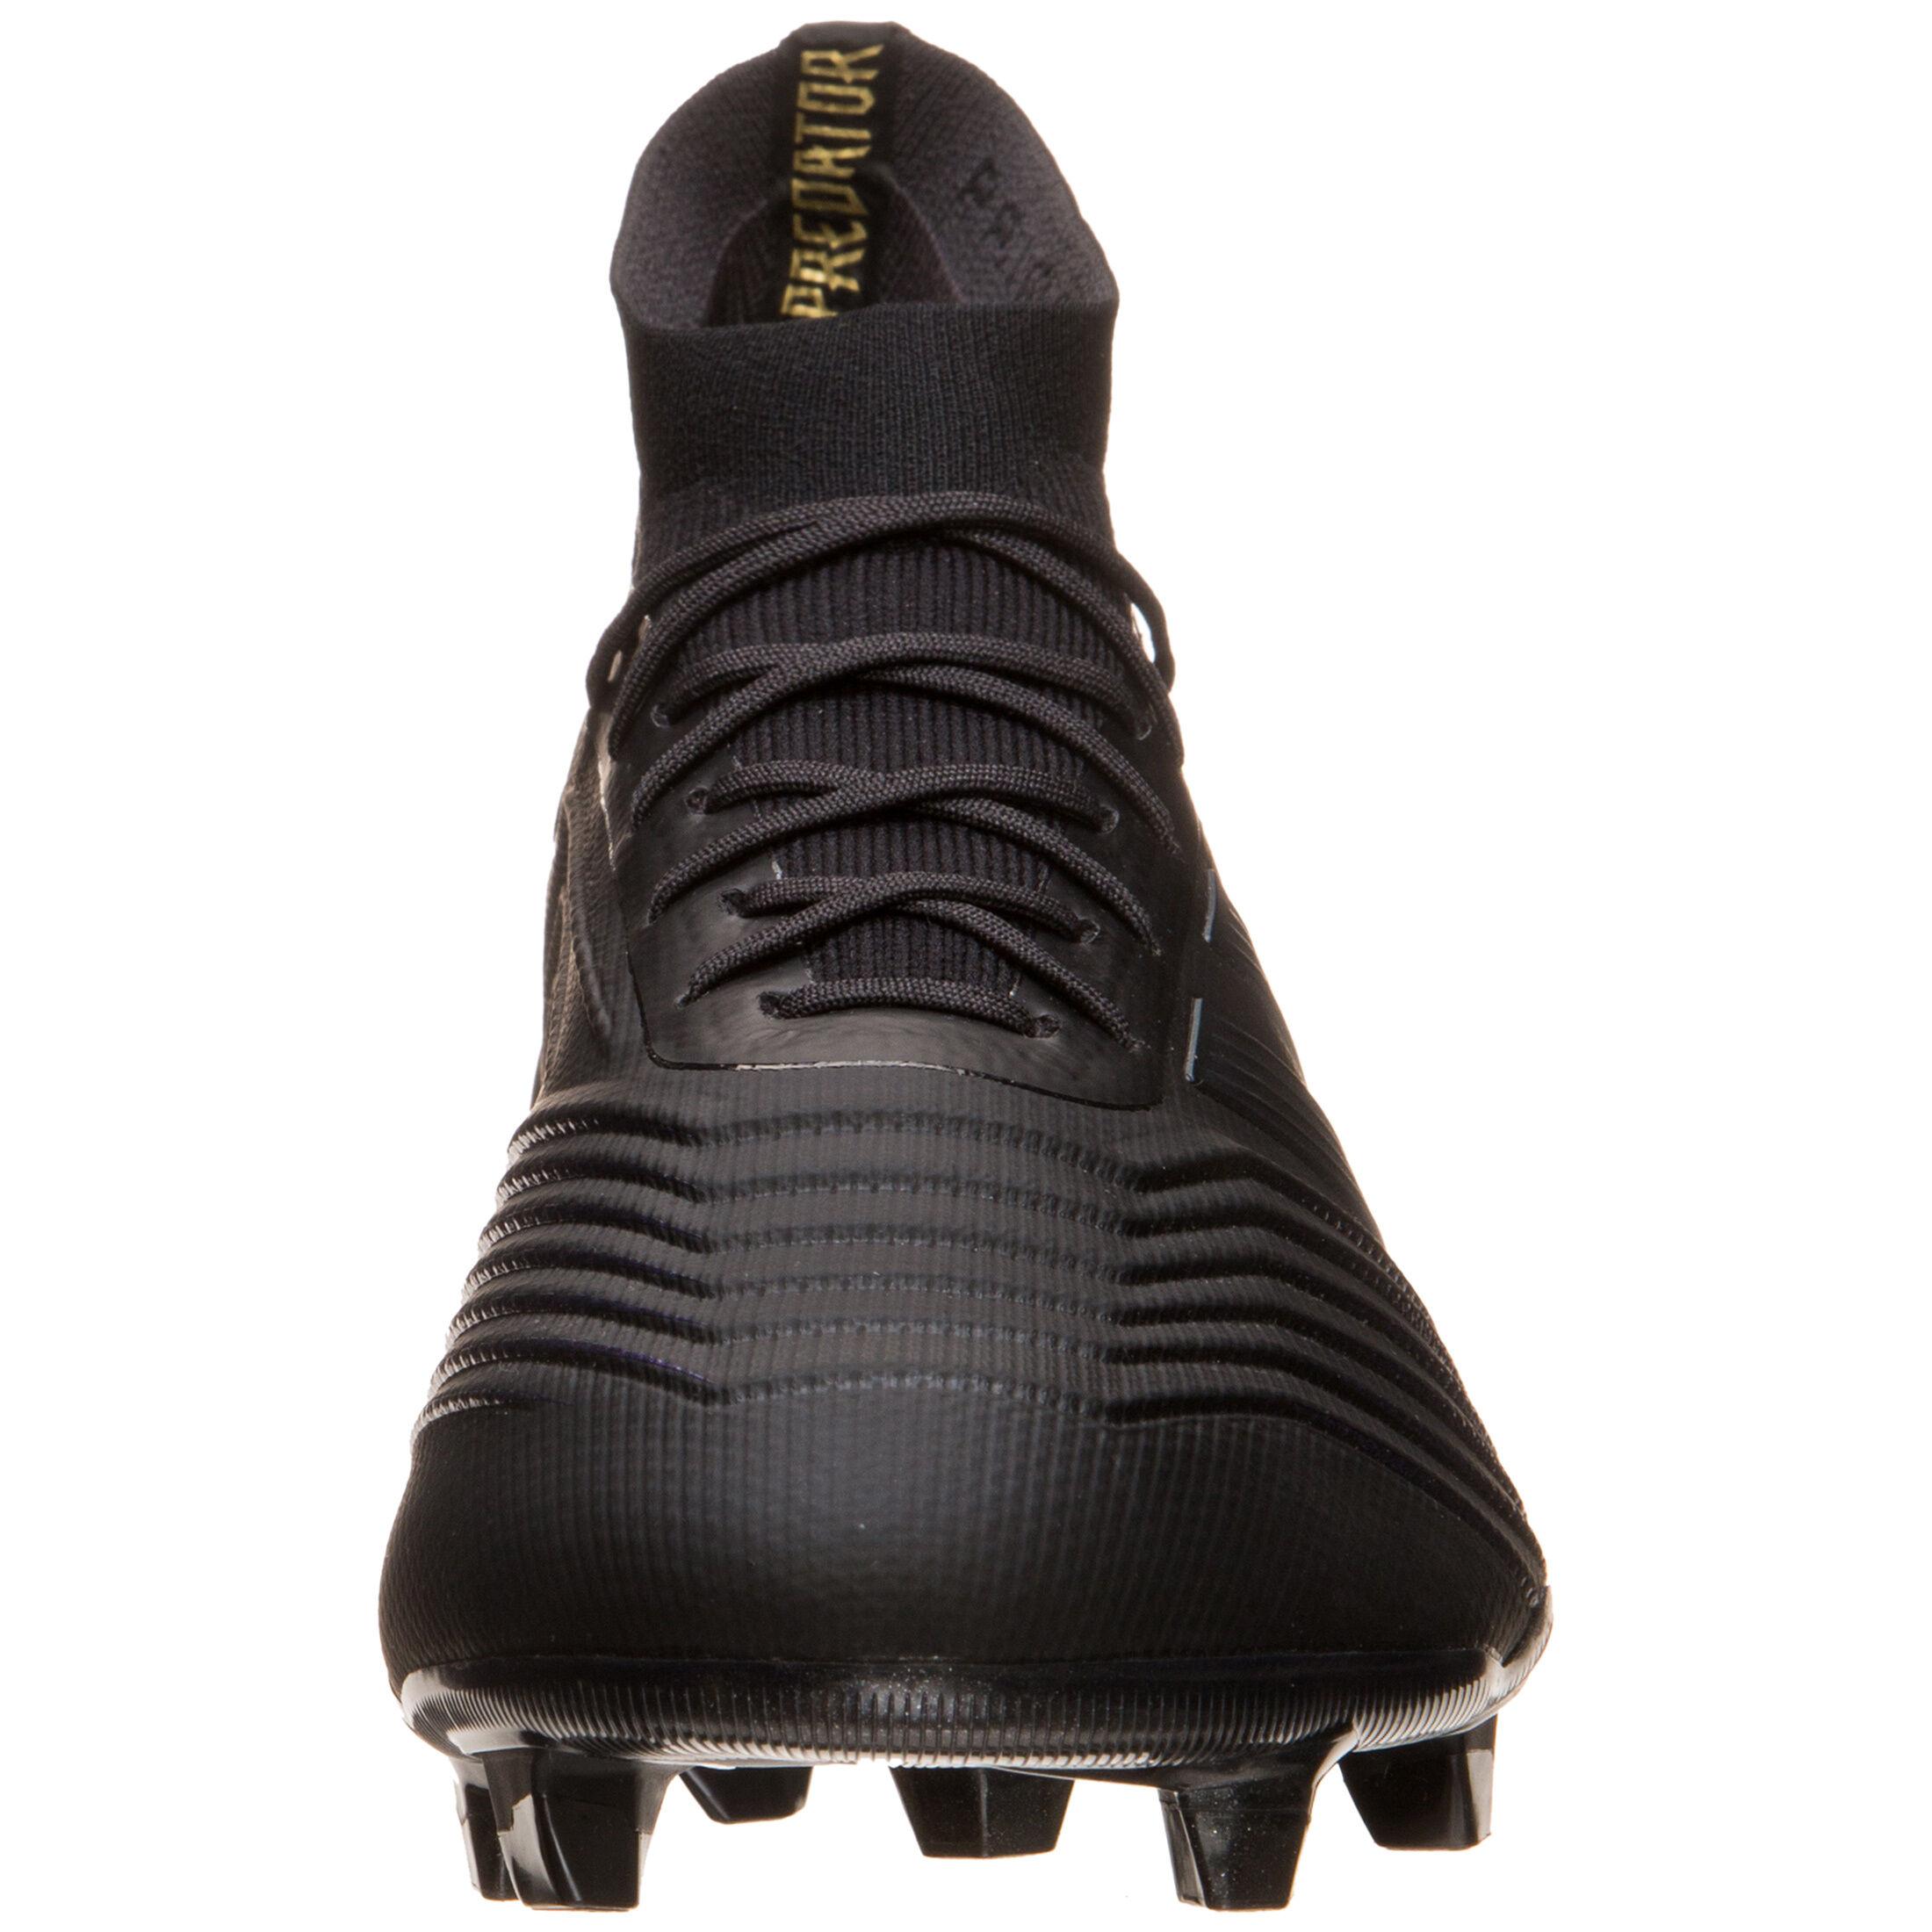 adidas Performance Predator 19.1 FG Fußballschuh Herren bei